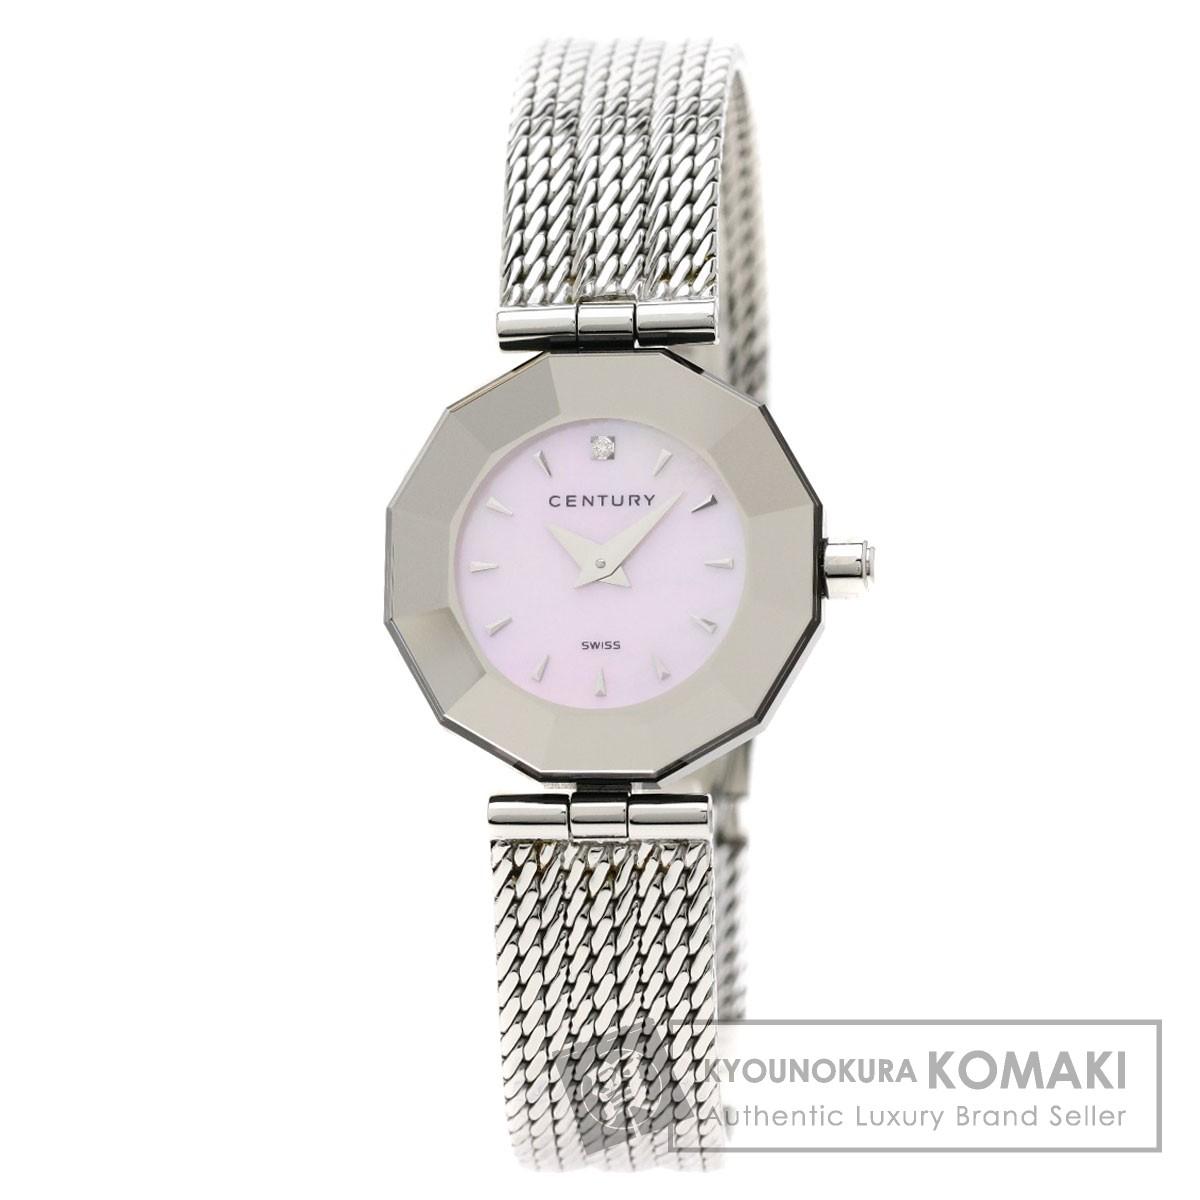 センチュリー プライムタイム 1Pダイヤモンド 腕時計 ステンレススチール/SS レディース 【中古】【CENTURY】